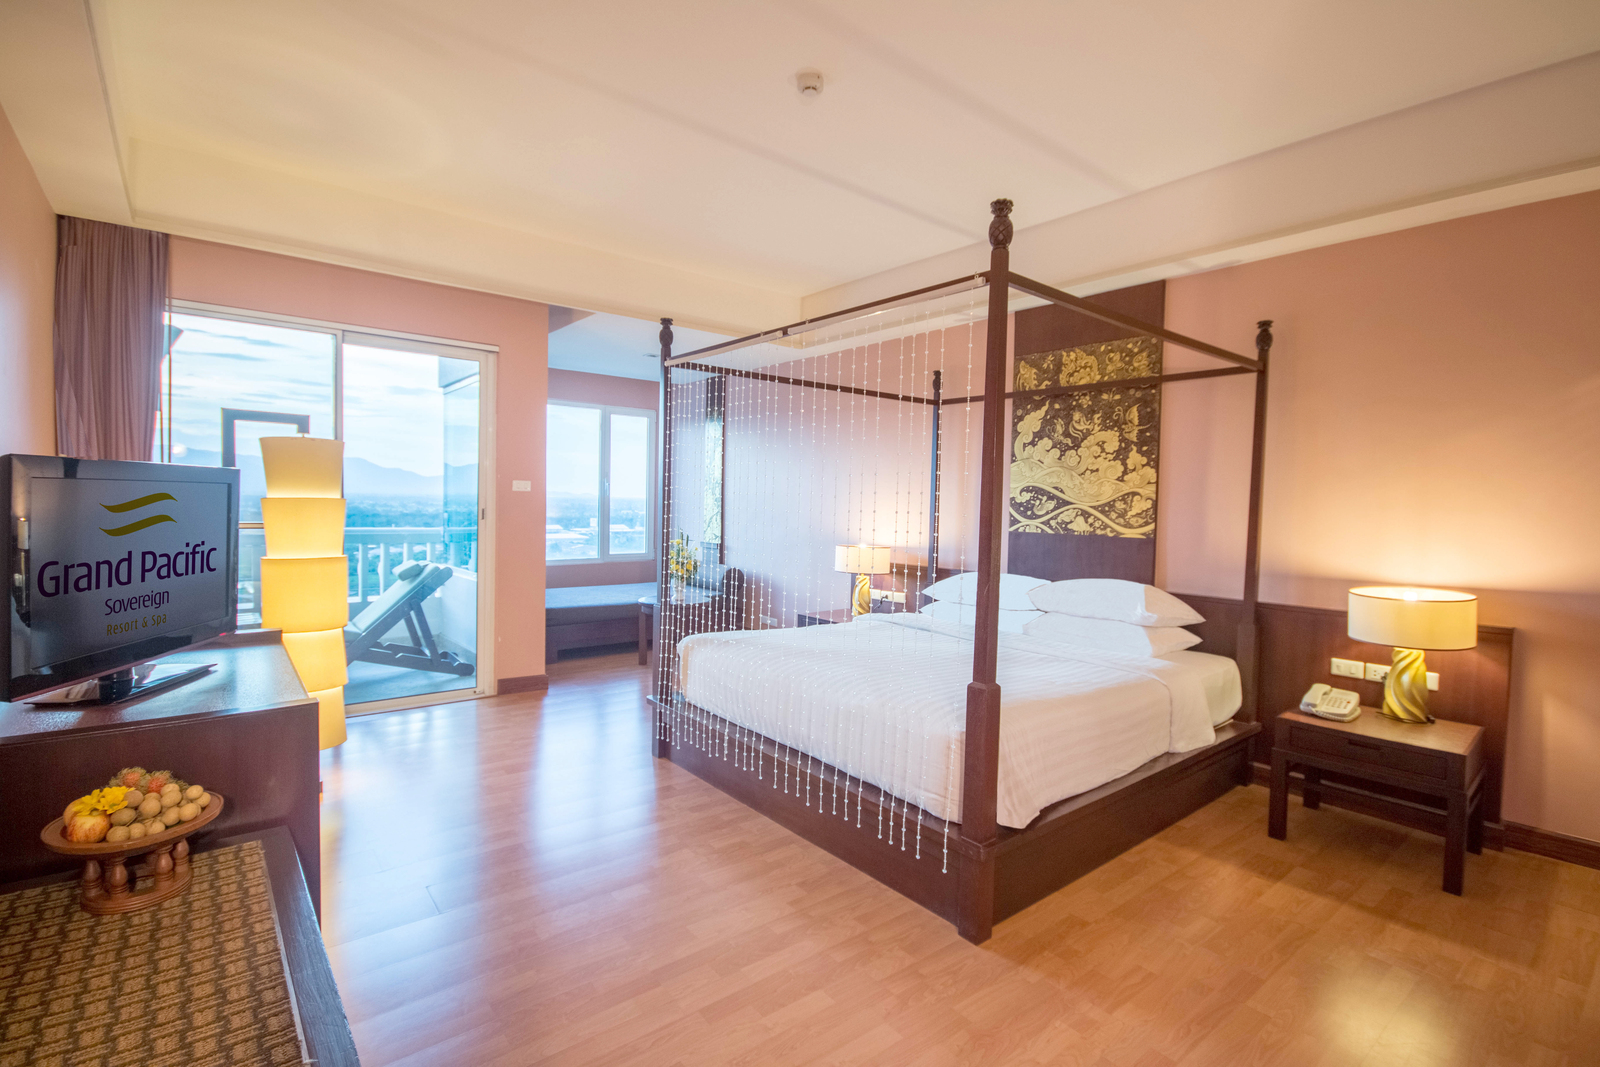 deluxe room